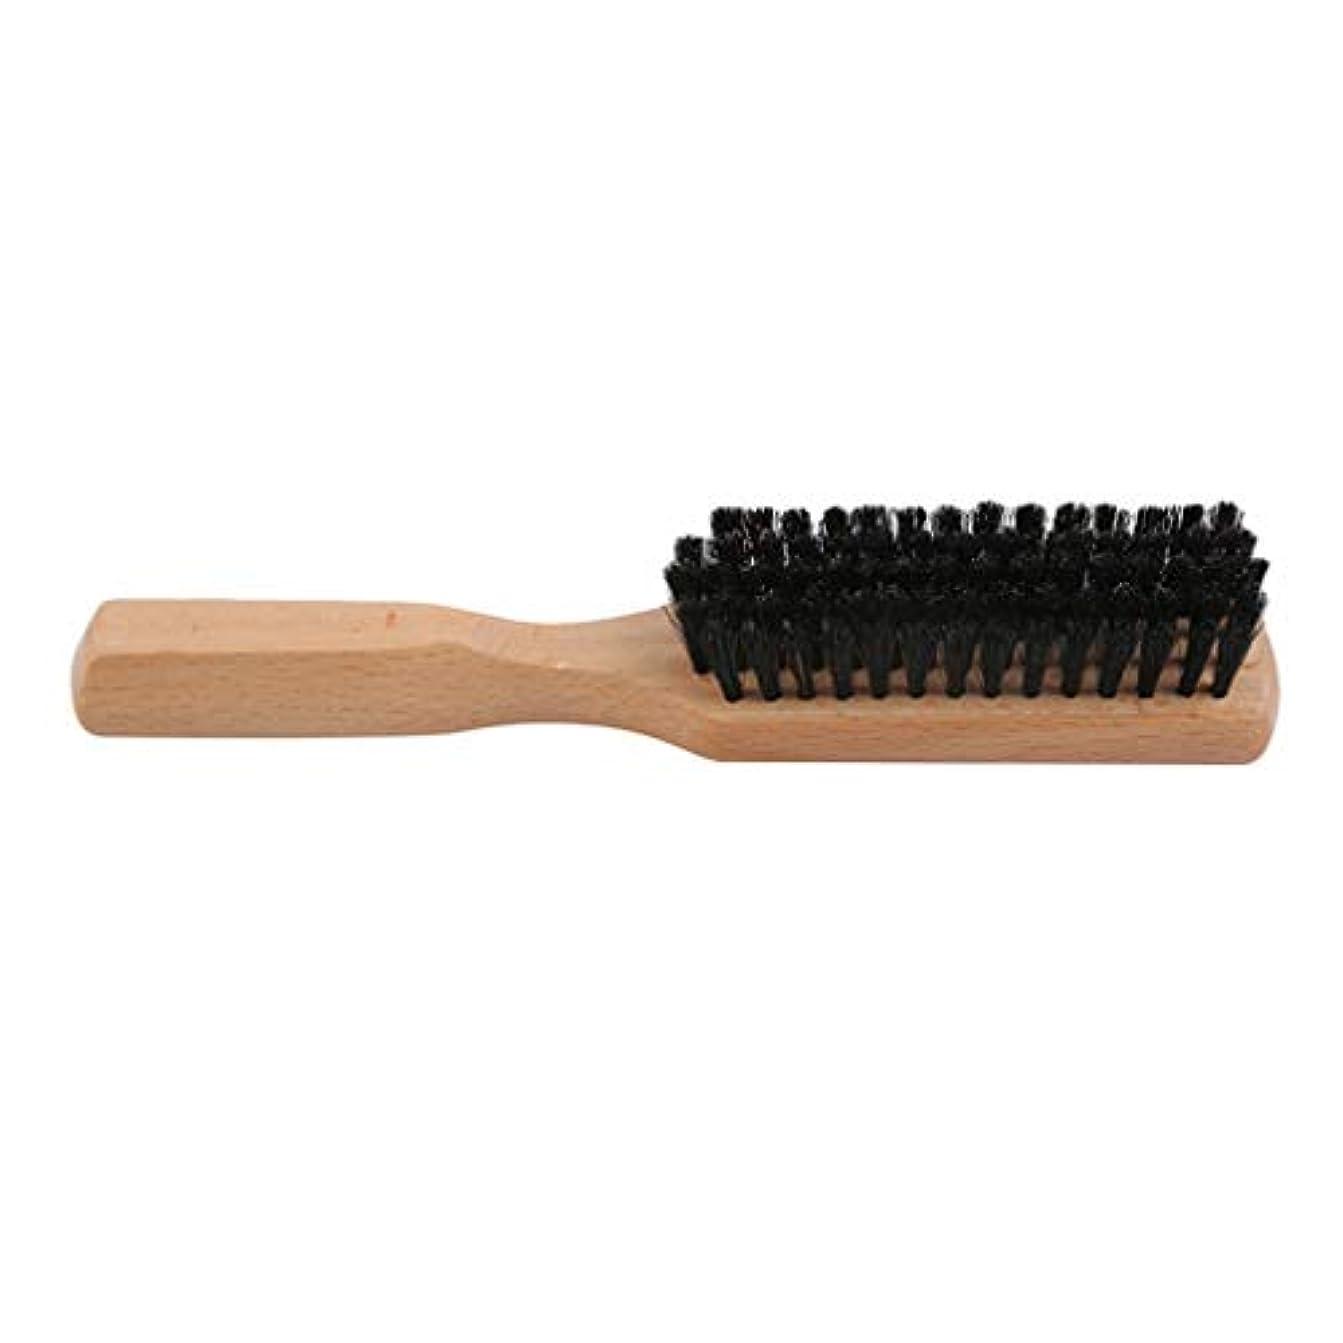 カプセルインフルエンザ関係するCngstar シェービング用ブラシ シェービングブラシ メンズ 洗顔 理容 洗顔 髭剃り